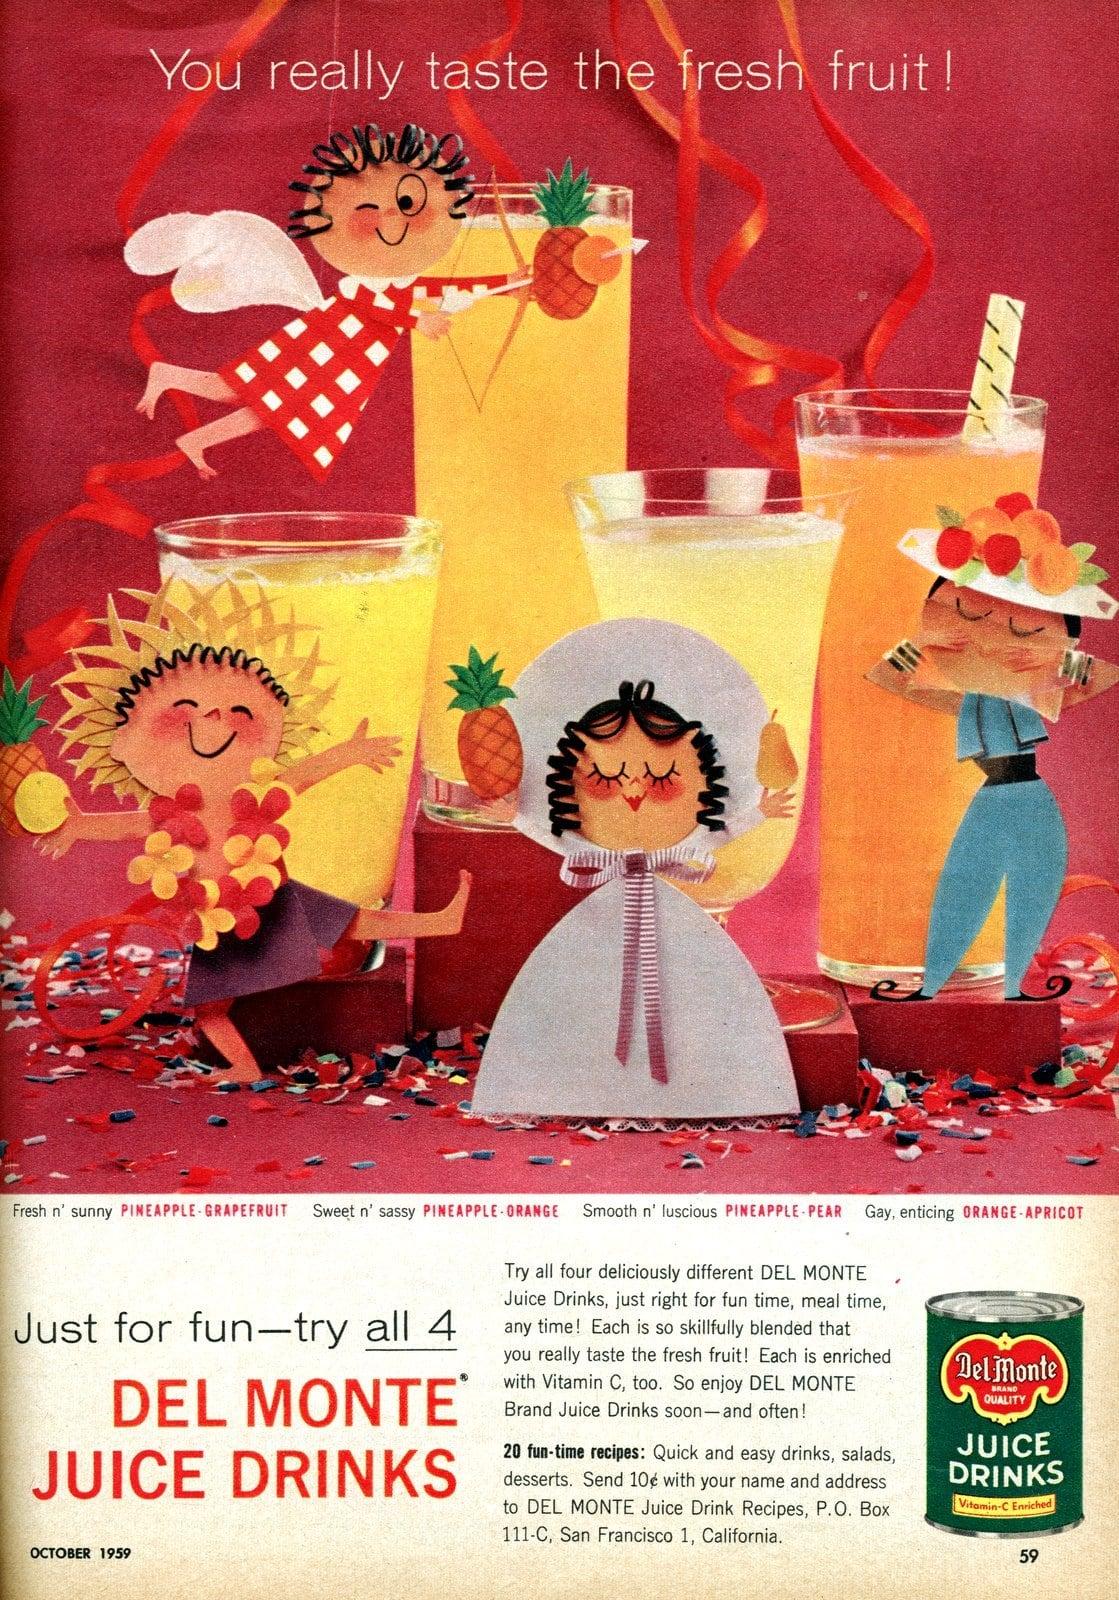 Pineapple juice drinks (1959)